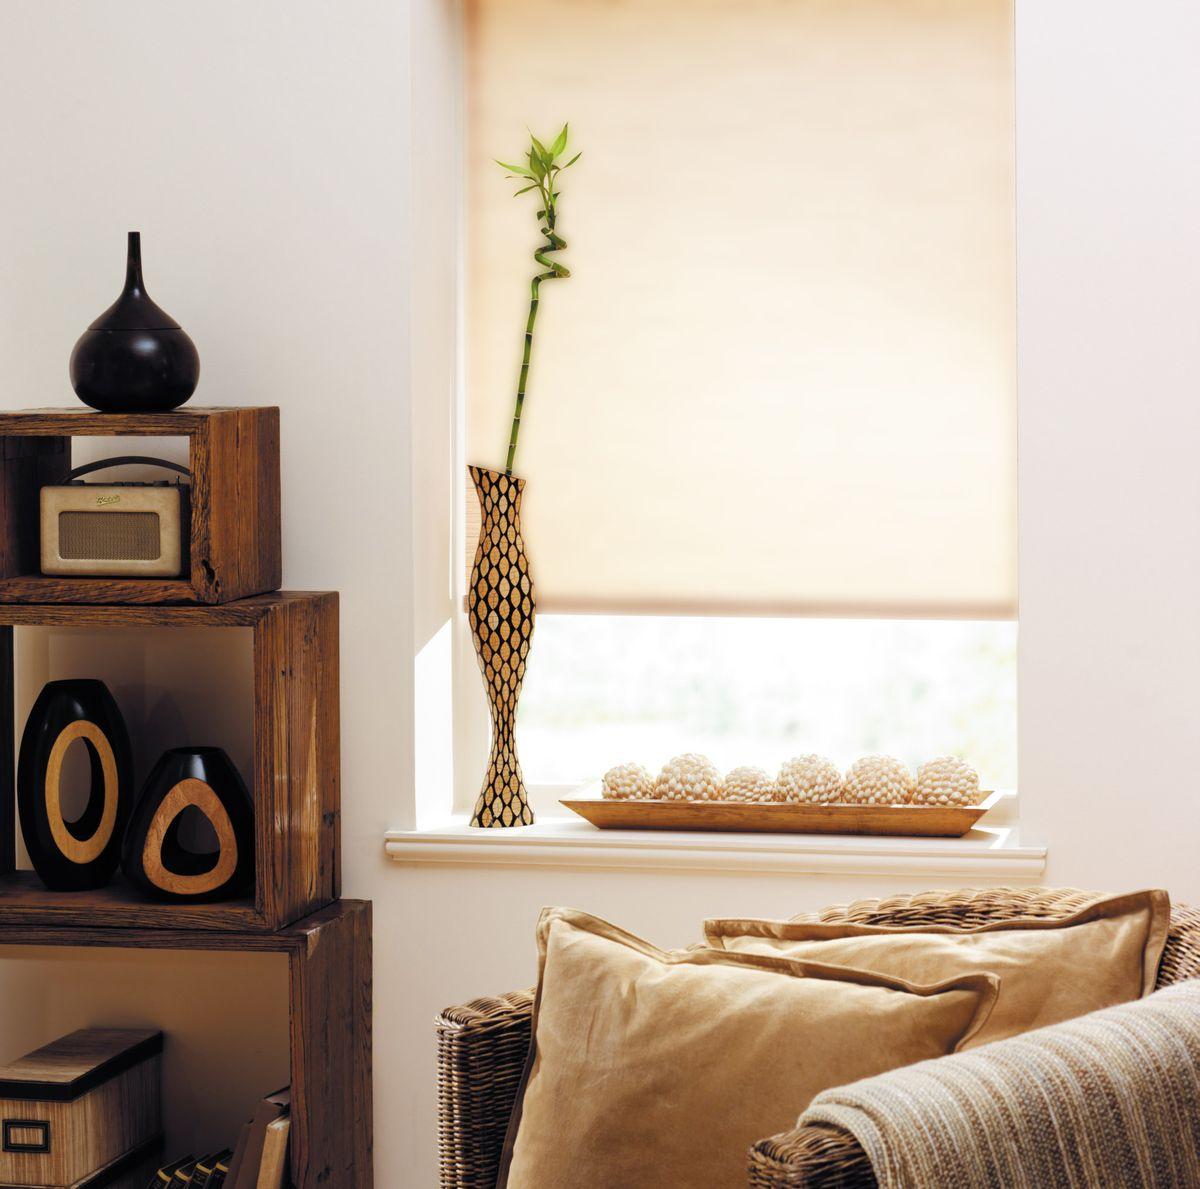 Штора рулонная для балконной двери Эскар Миниролло, цвет: бежевый лен, ширина 62 см, высота 215 см30409062215Рулонная штора Эскар Миниролло выполнена из высокопрочной ткани, которая сохраняет свой размер даже при намокании. Ткань не выцветает и обладает отличной цветоустойчивостью. Миниролло - это подвид рулонных штор, который закрывает не весь оконный проем, а непосредственно само стекло. Такие шторы крепятся на раму без сверления при помощи зажимов или клейкой двухсторонней ленты (в комплекте). Окно остается на гарантии, благодаря монтажу без сверления. Такая штора станет прекрасным элементом декора окна и гармонично впишется в интерьер любого помещения.